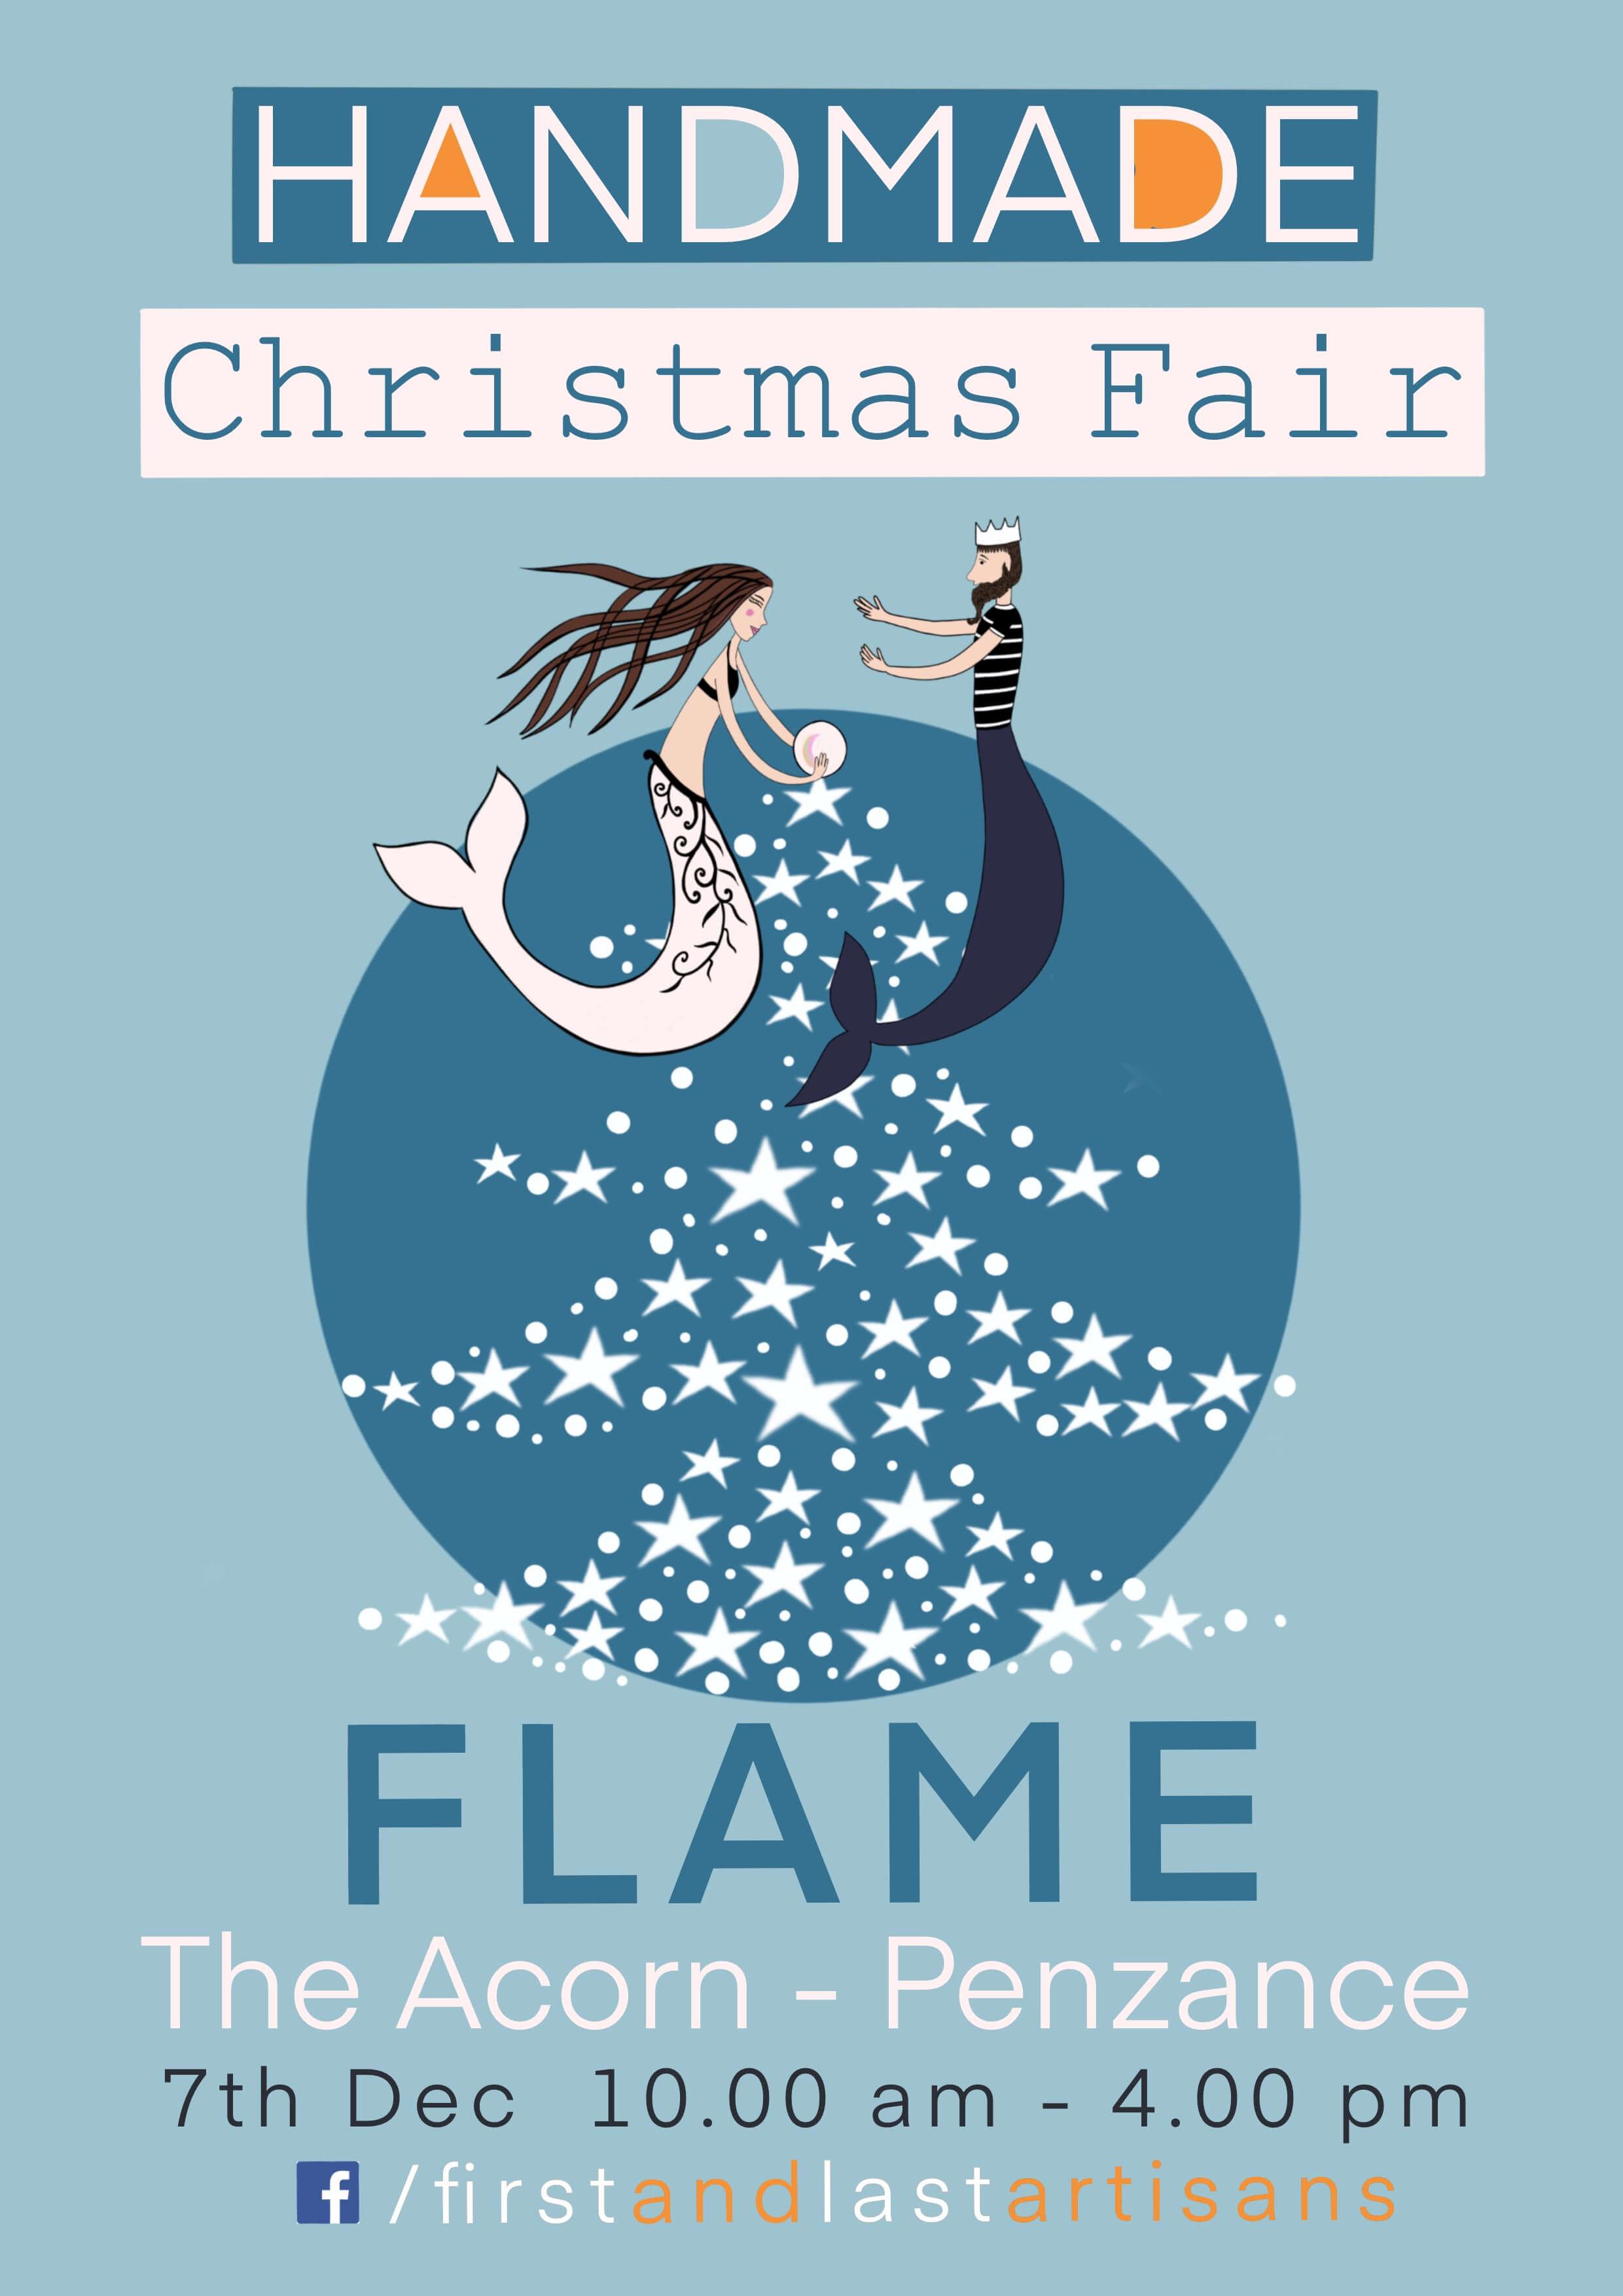 FLAME Handmade Christmas Fair